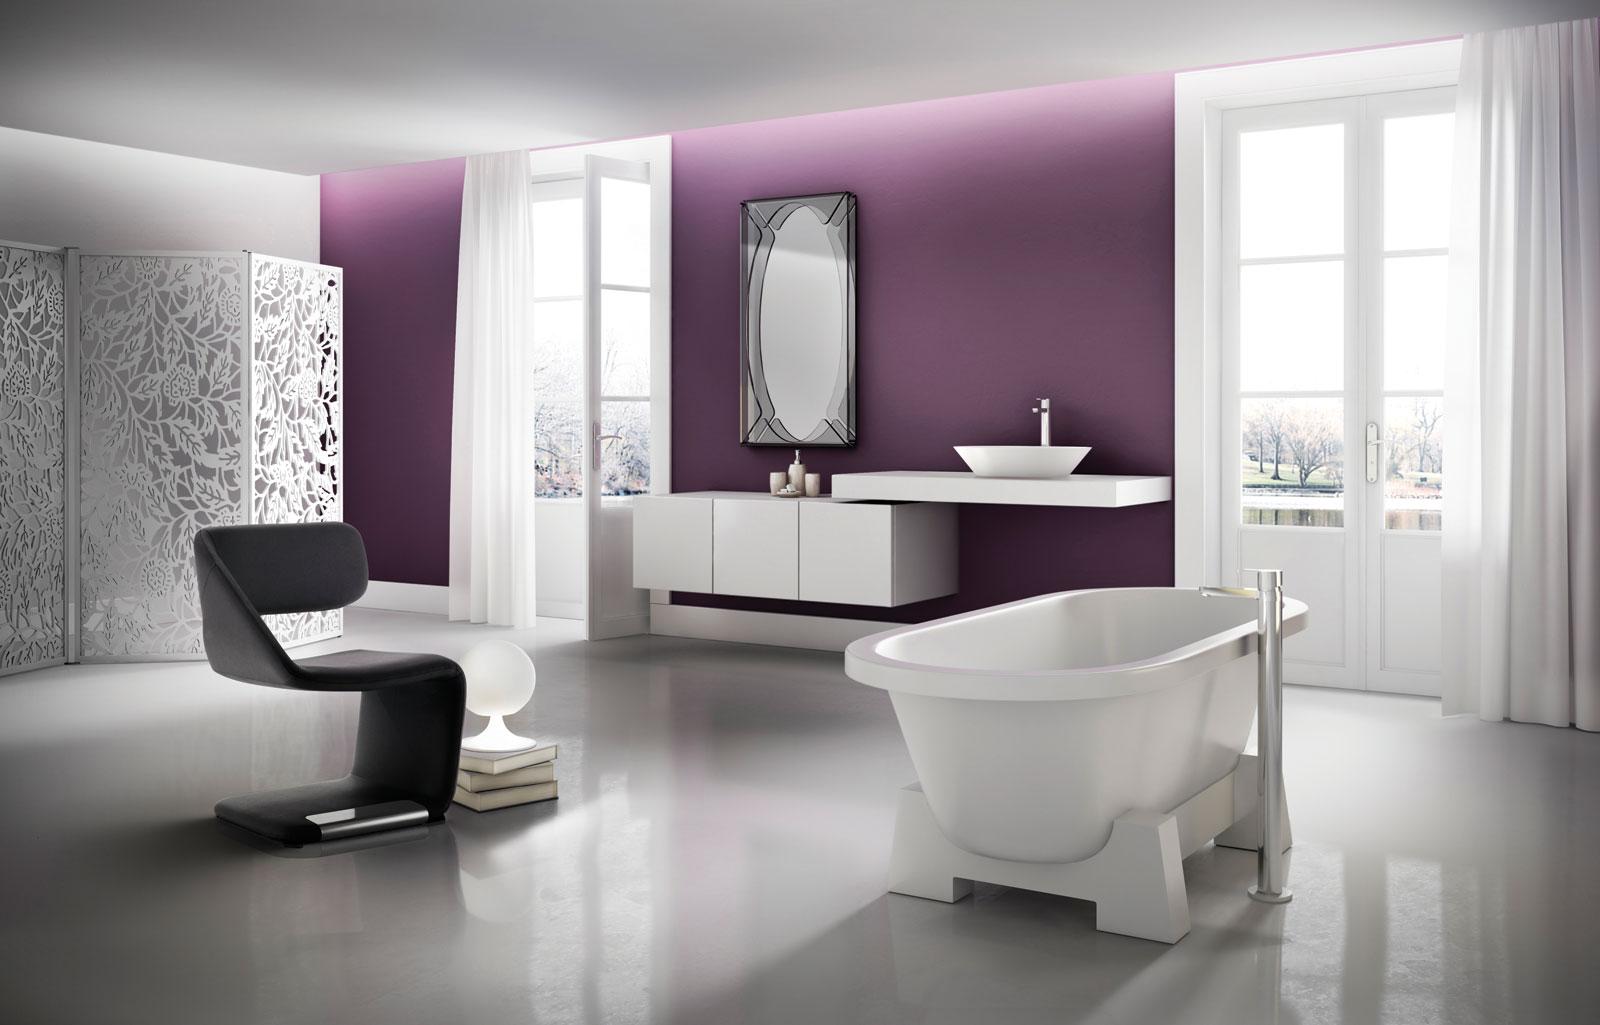 Zack Bathroom Fixtures zack bathroom accessories | zack kitchen accessories - baker and